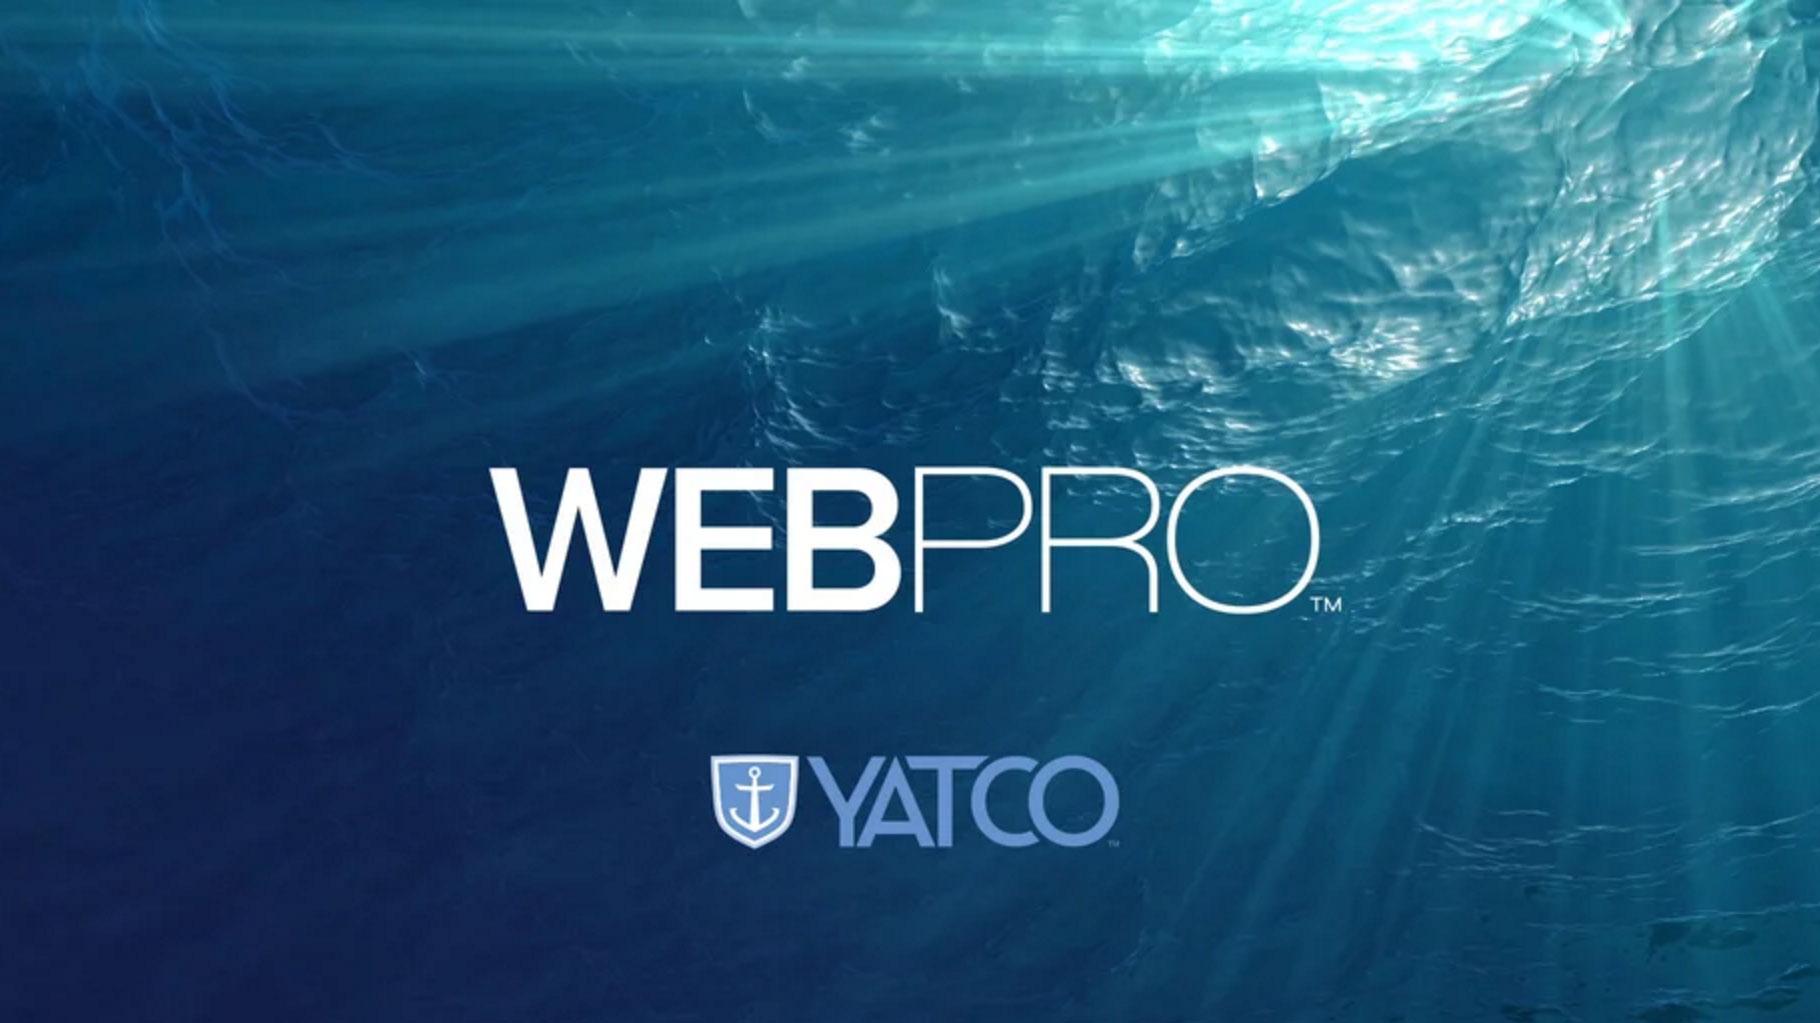 Yatco Web Pro